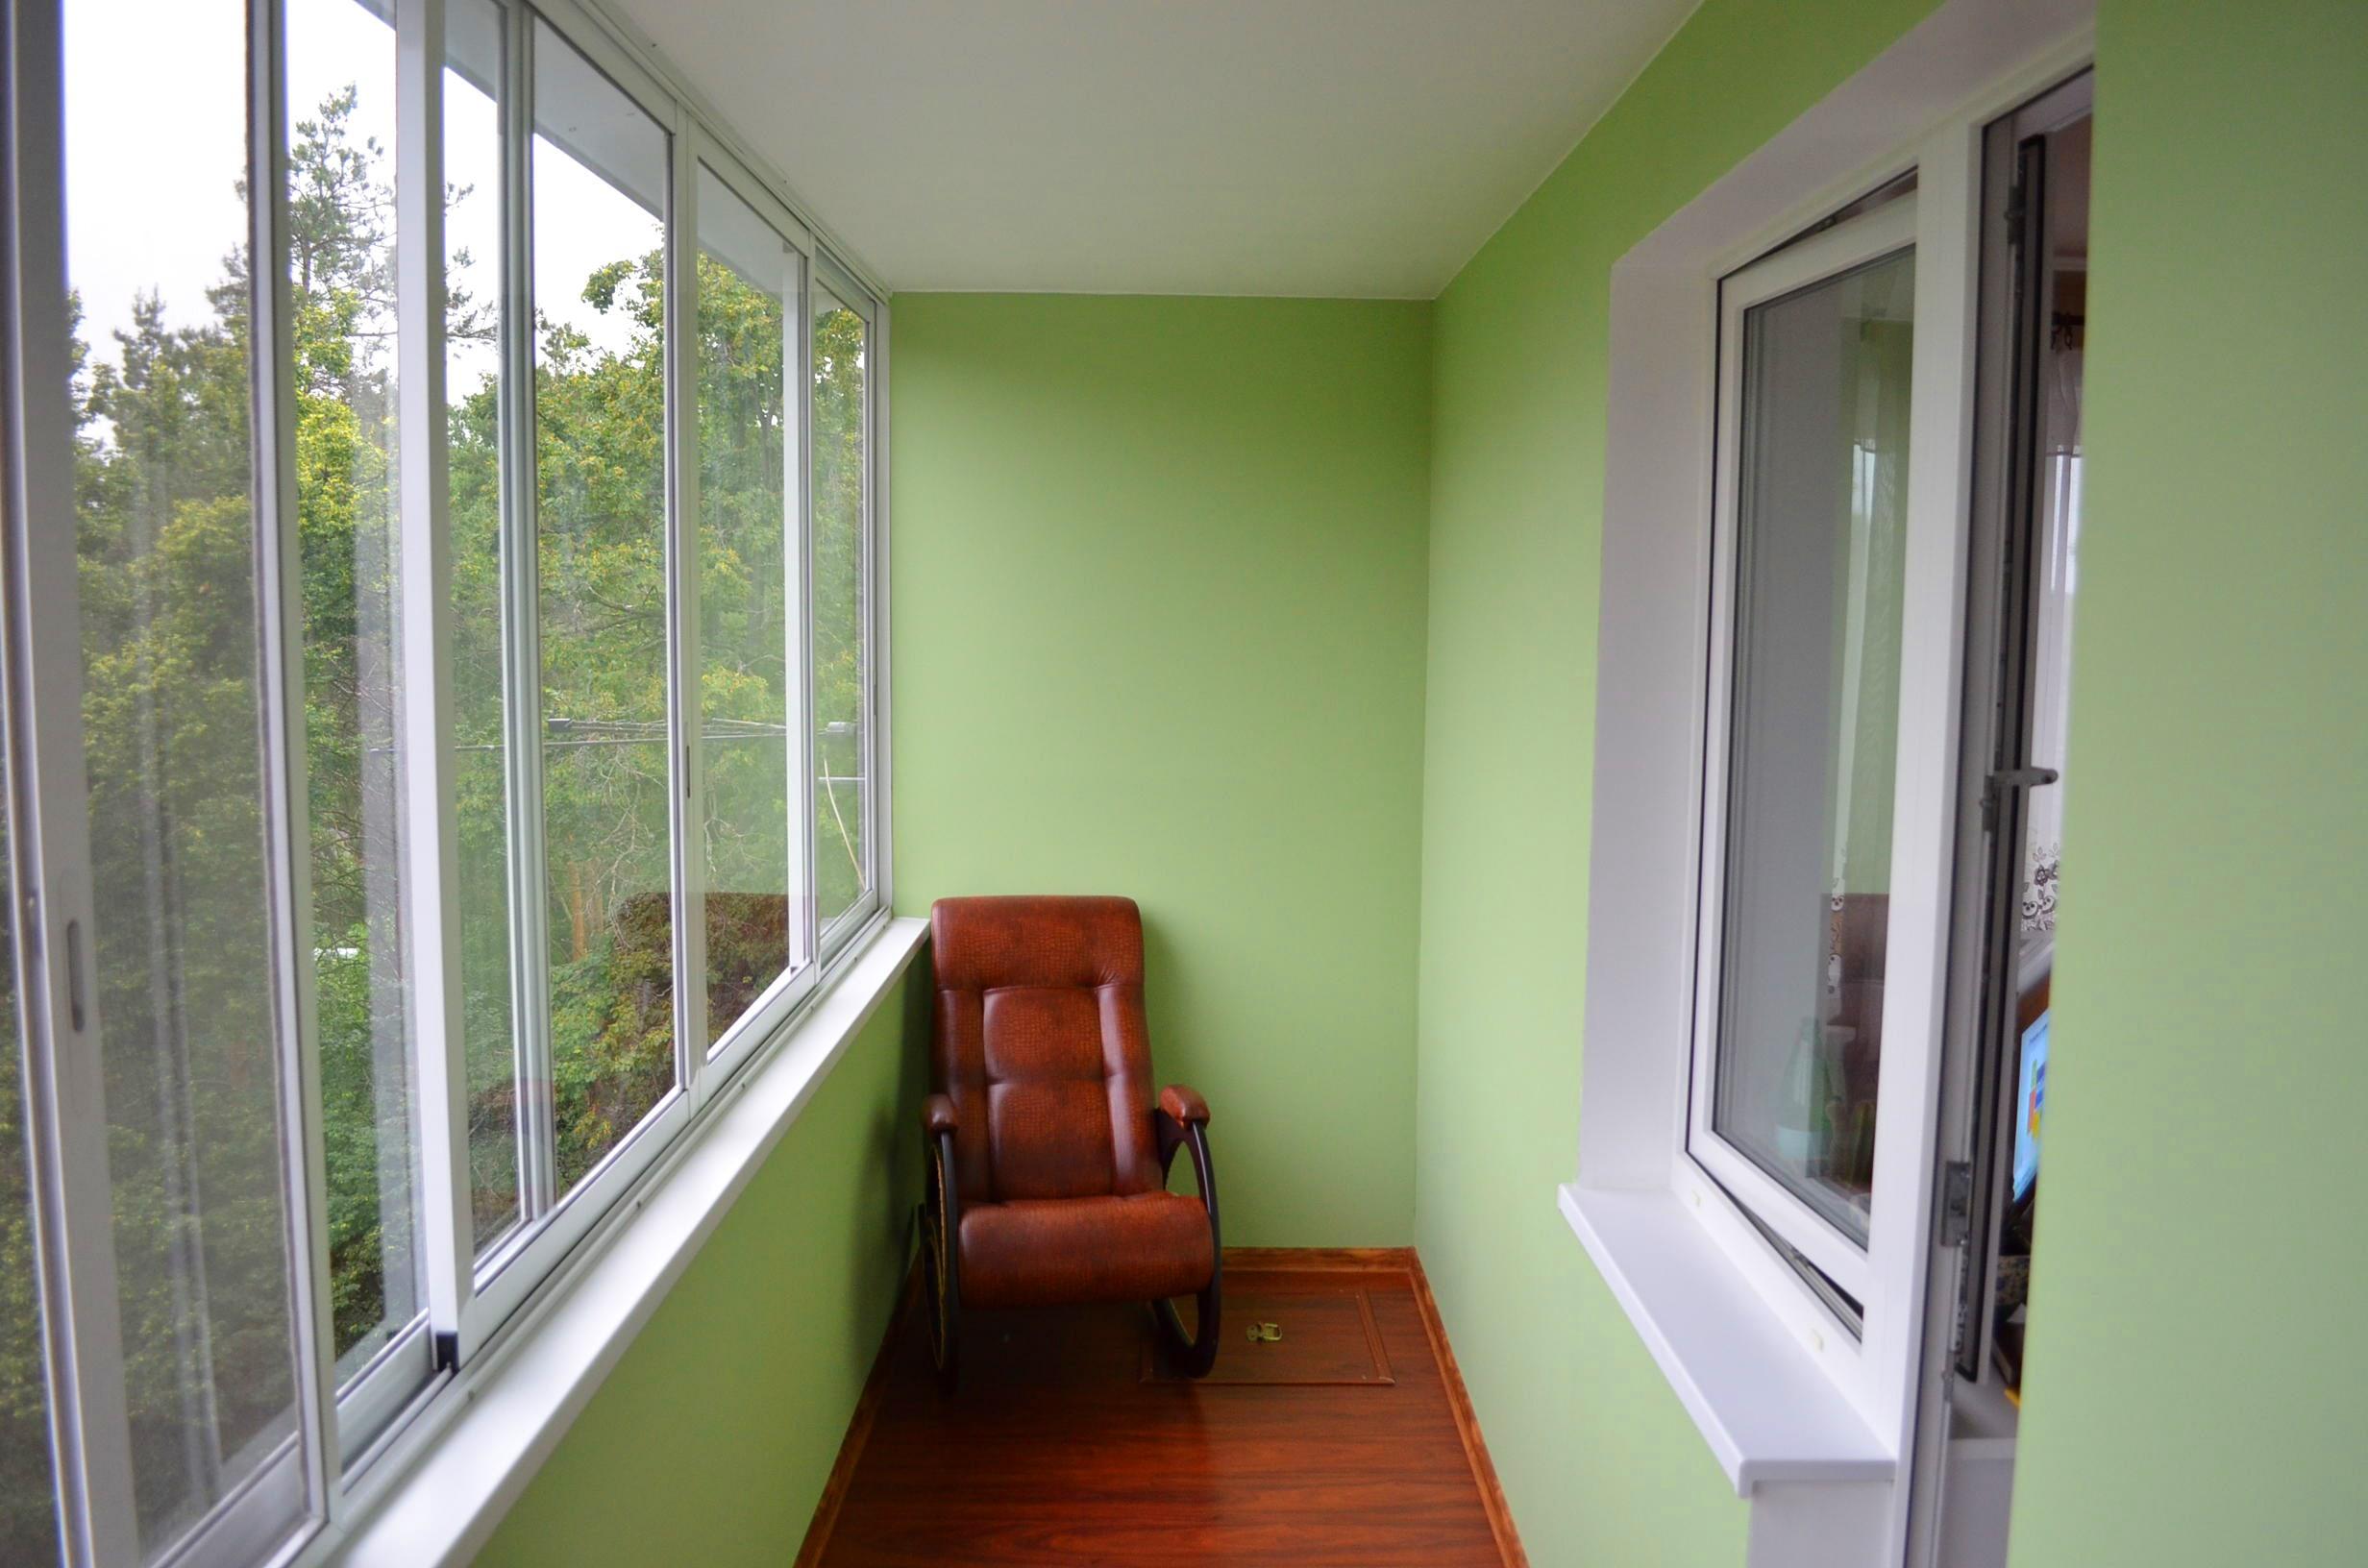 Гипсокартон на балконе с алюминиевым остеклением.